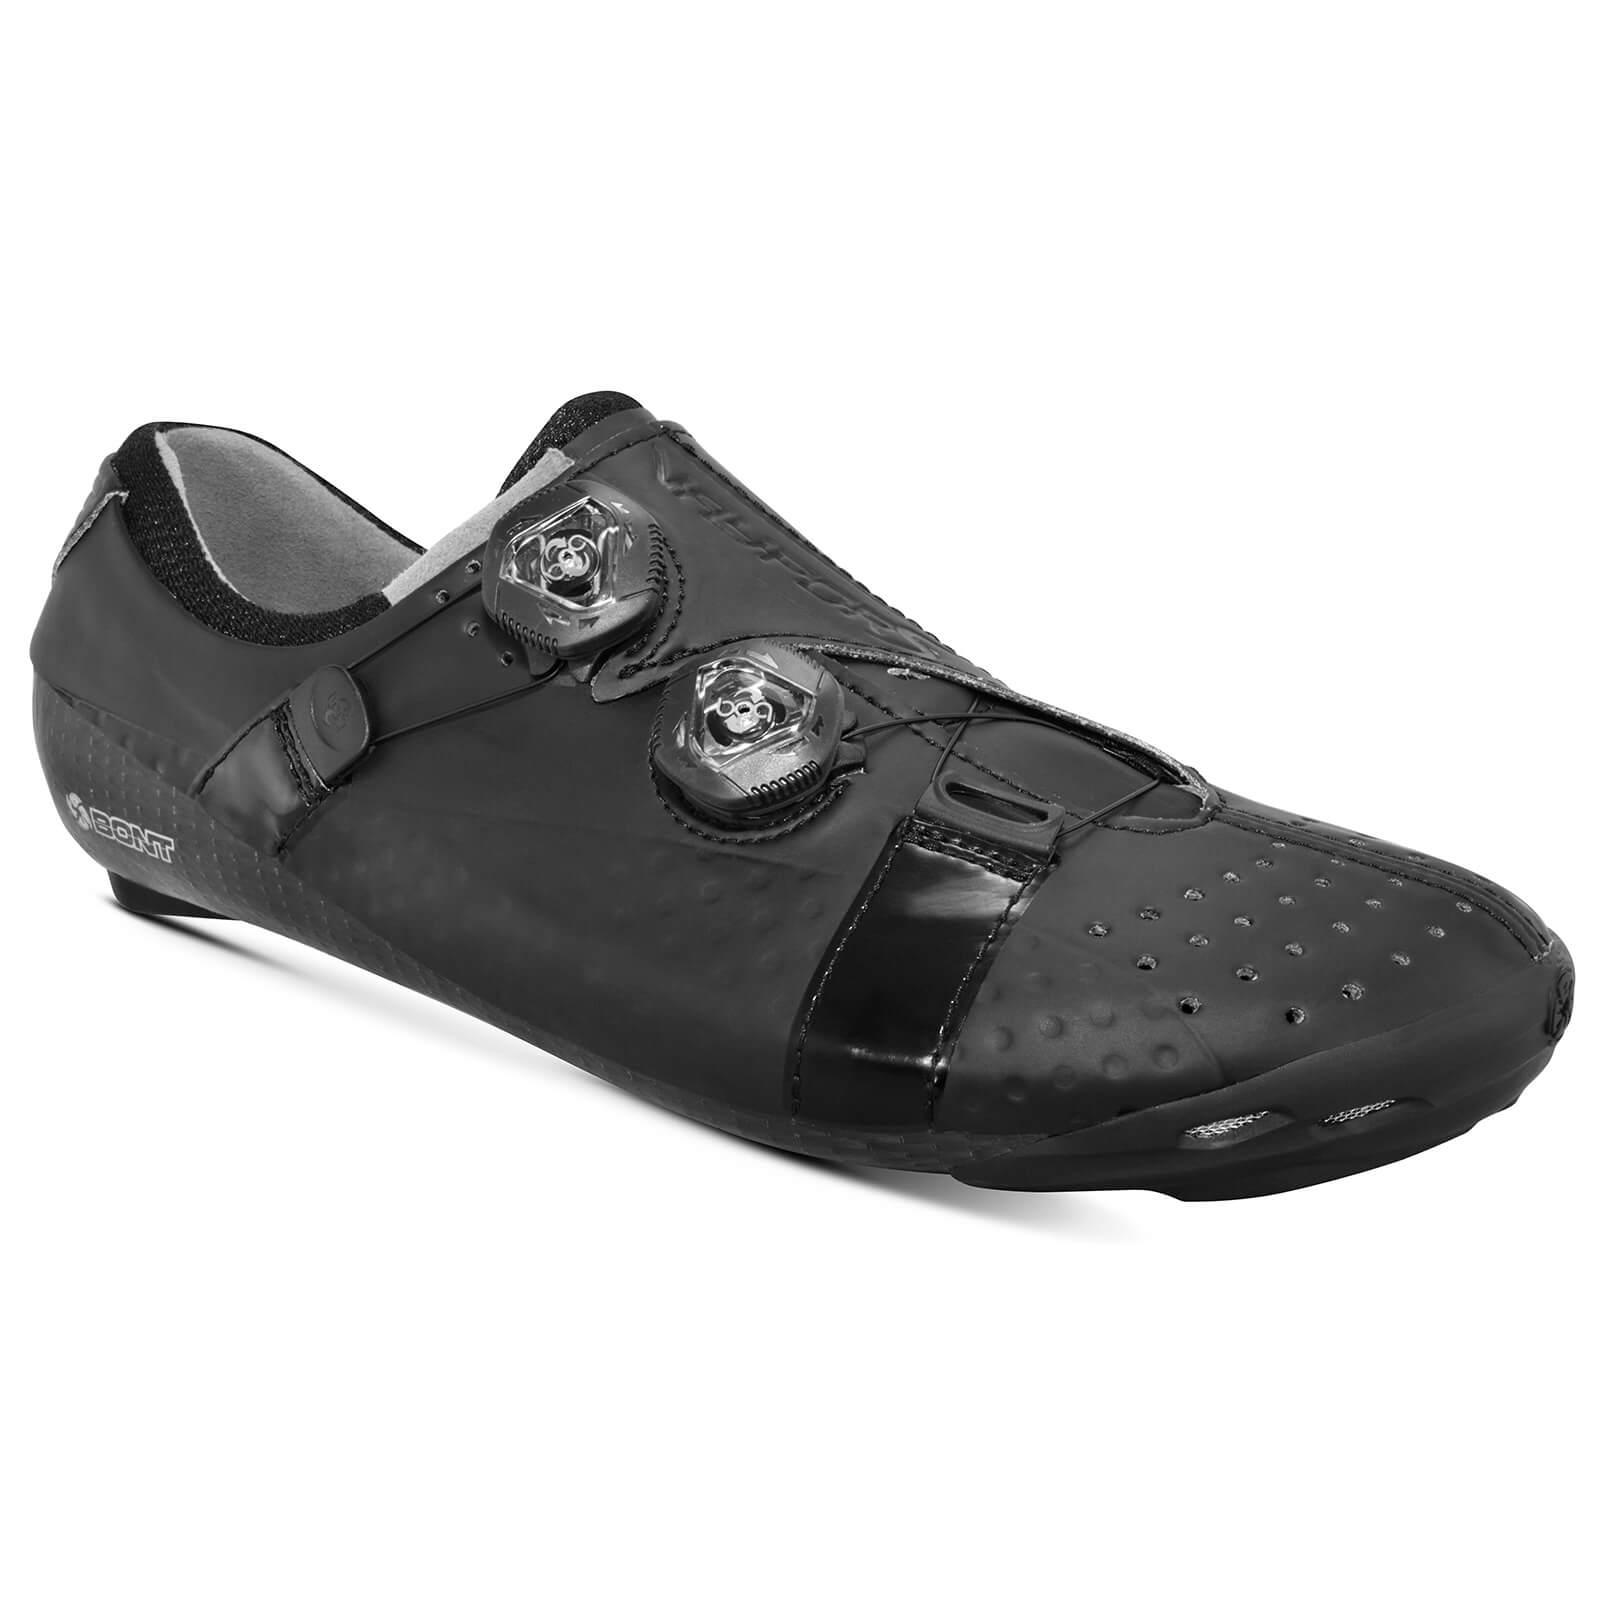 Bont Vaypor S Road Shoes - EU 42 - Standard Fit - Black